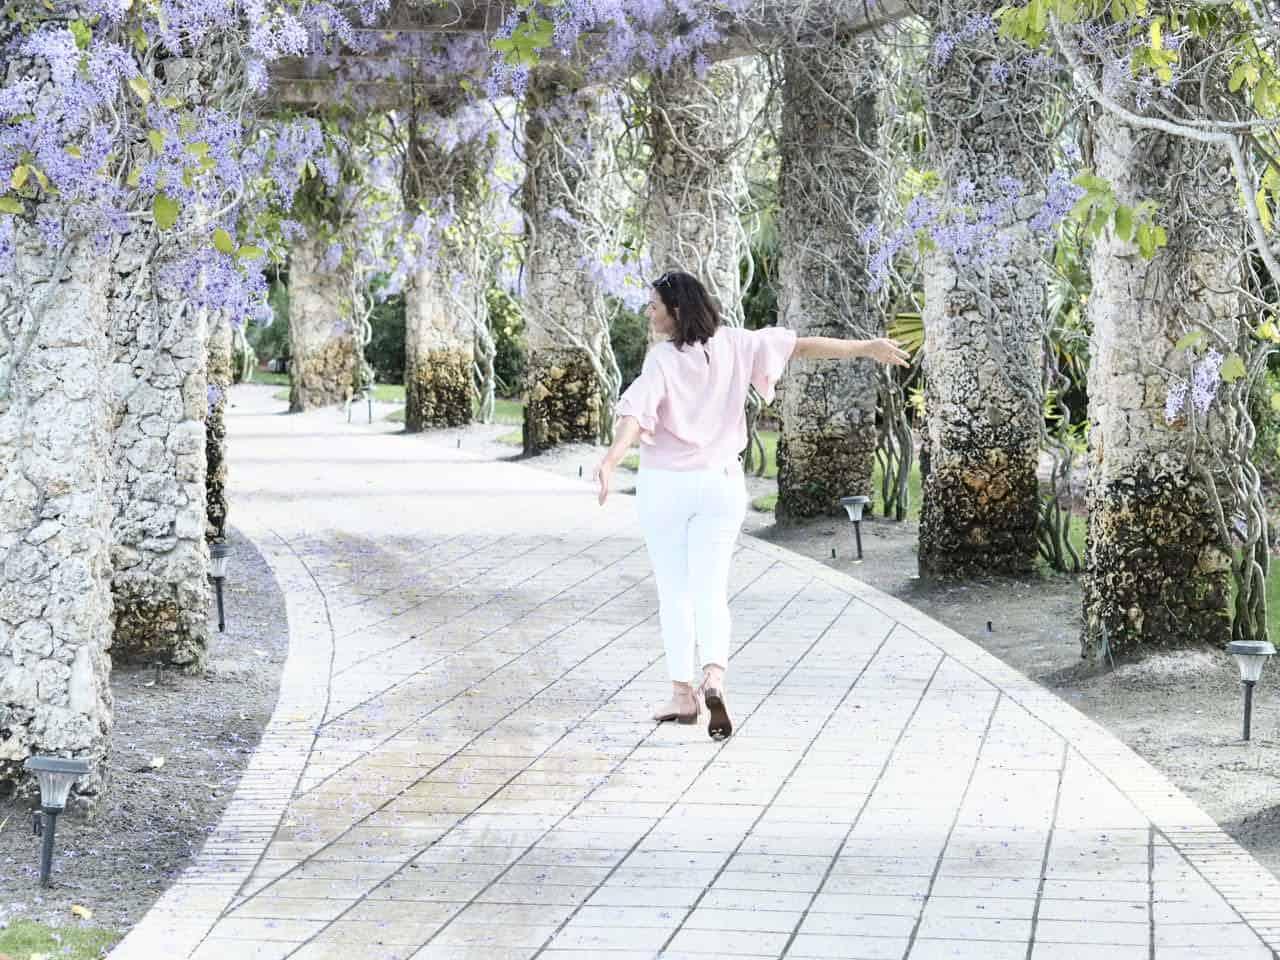 My Visit to The Naples Botanical Garden – A Hidden Gem